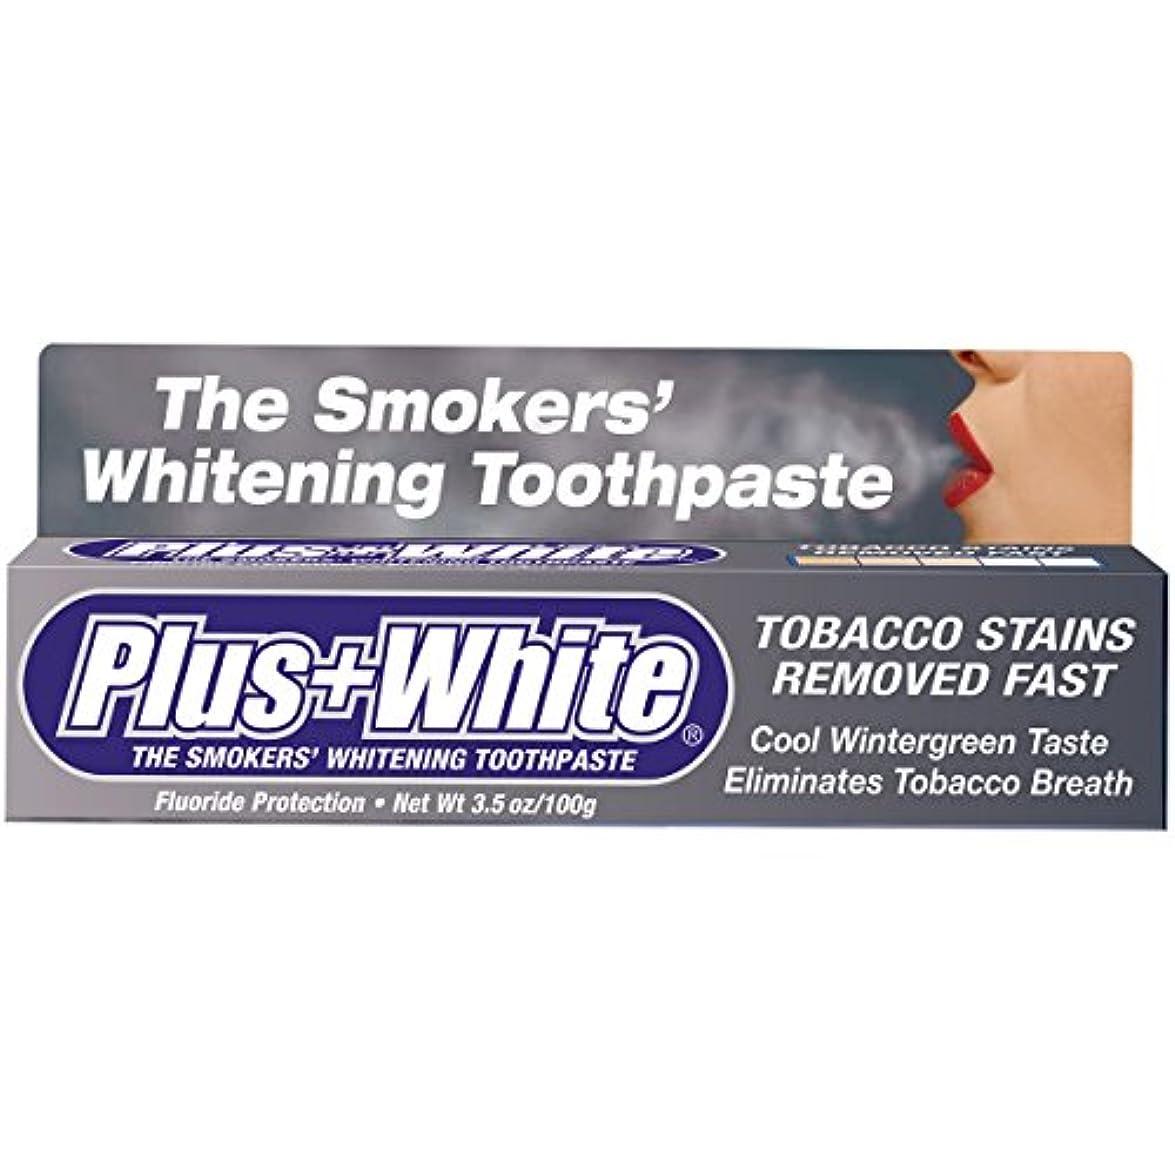 会社改善Plus White, The Smokers' Whitening Toothpaste, Cooling Peppermint Flavor, 3.5 oz (100 g)